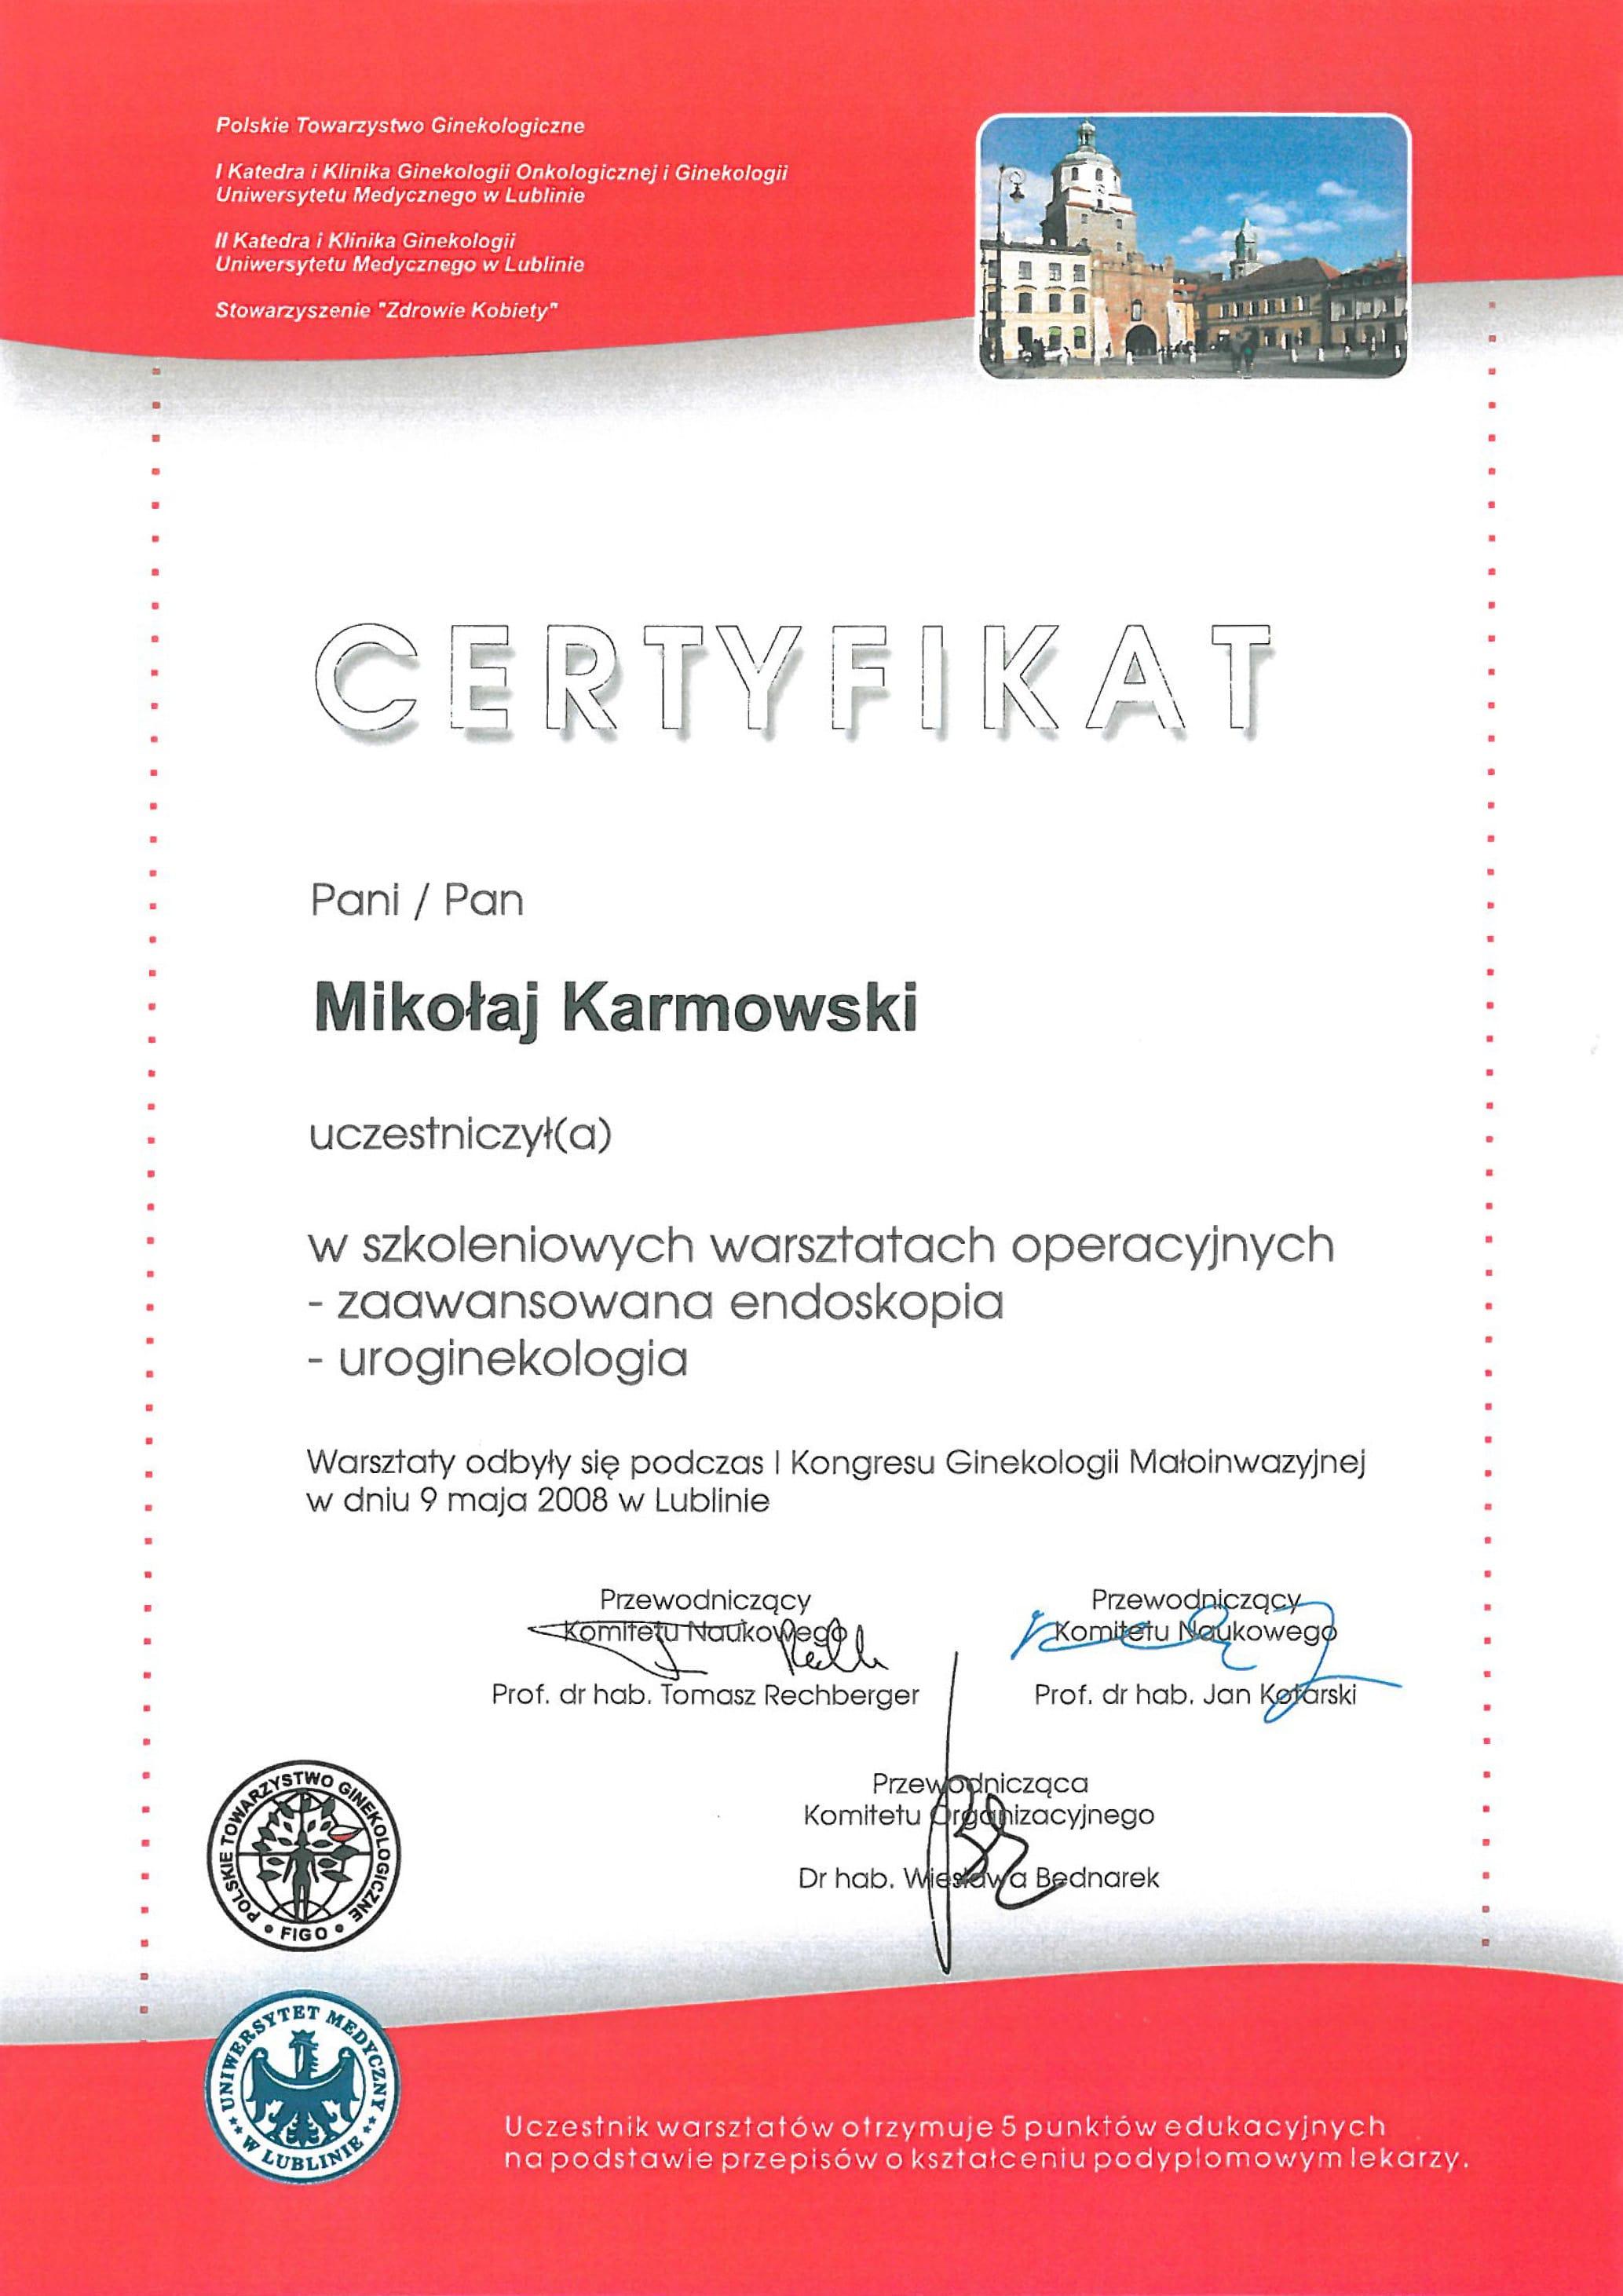 Mikołaj Karmowski certyfikat warsztaty operacyjne zaawansowana endoskopia uroginekologia